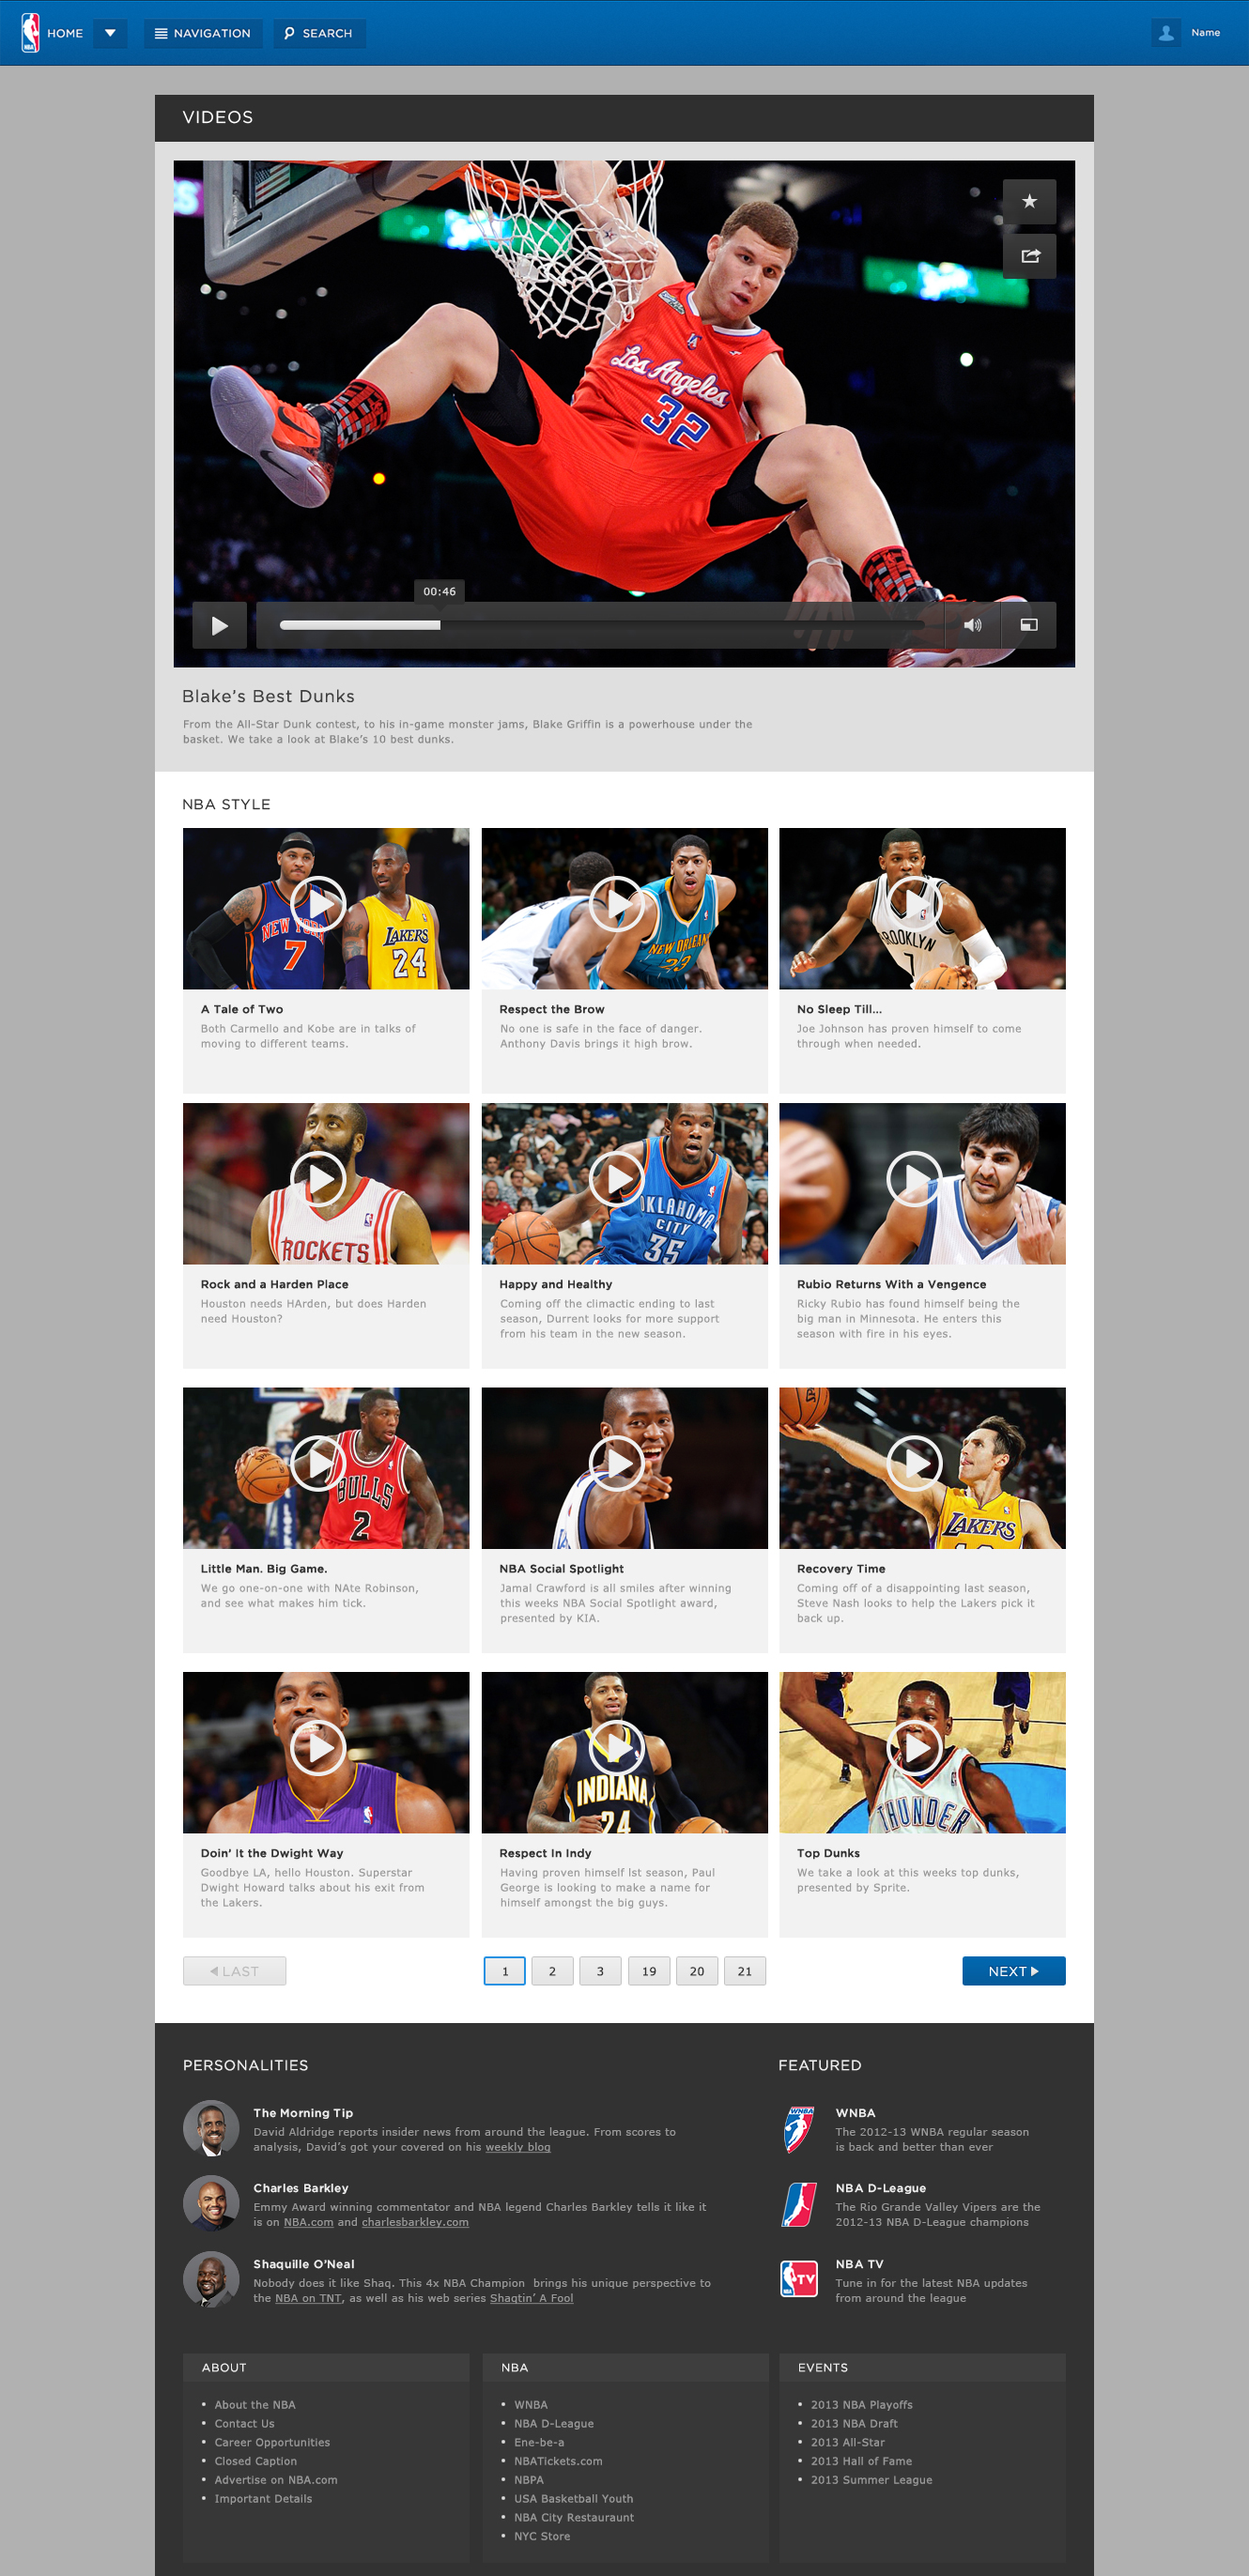 NBAcom_Redesign_Video_V2.jpg